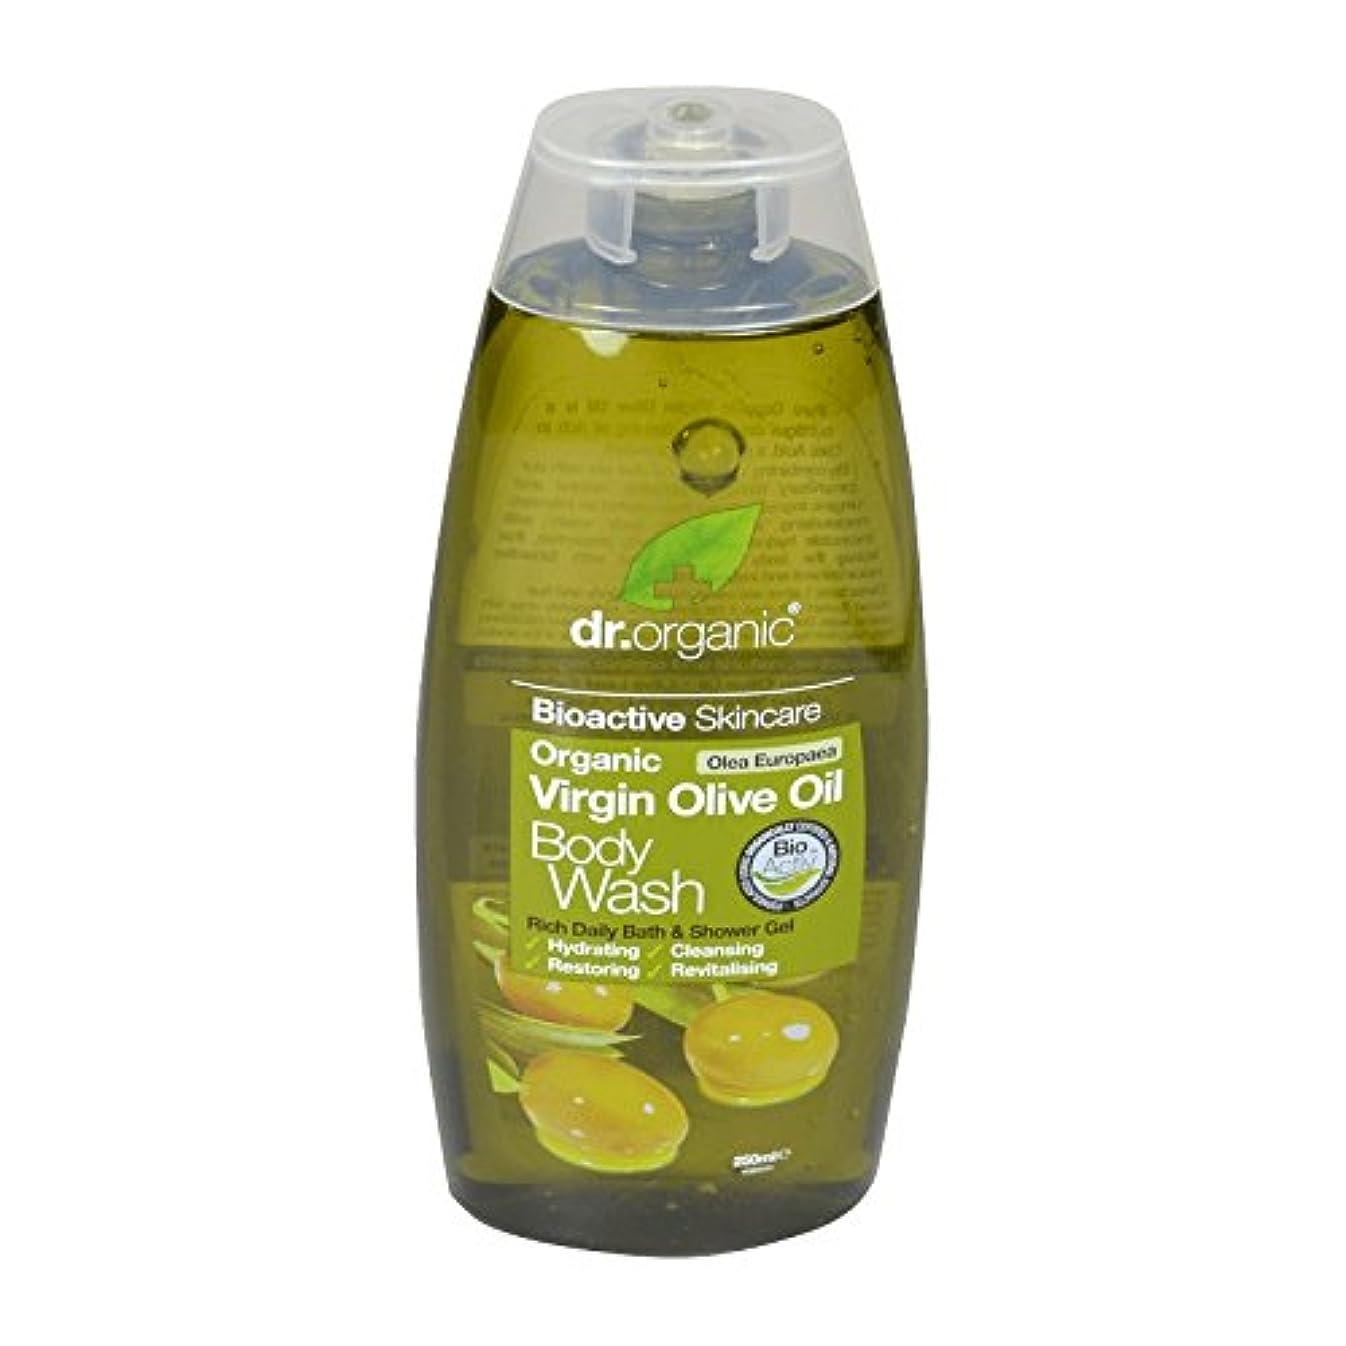 案件機動苦悩Dr Organic Virgin Olive Oil Body Wash (Pack of 6) - Dr有機バージンオリーブオイルボディウォッシュ (x6) [並行輸入品]